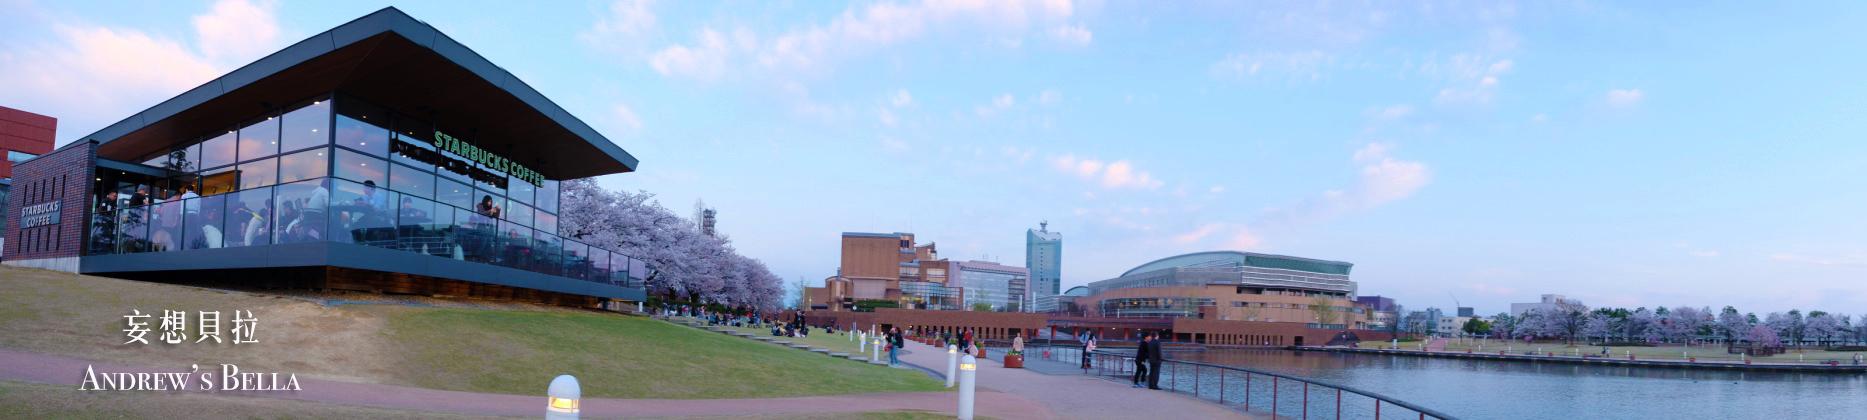 富山旅遊 賞櫻景點推薦 星巴克約會